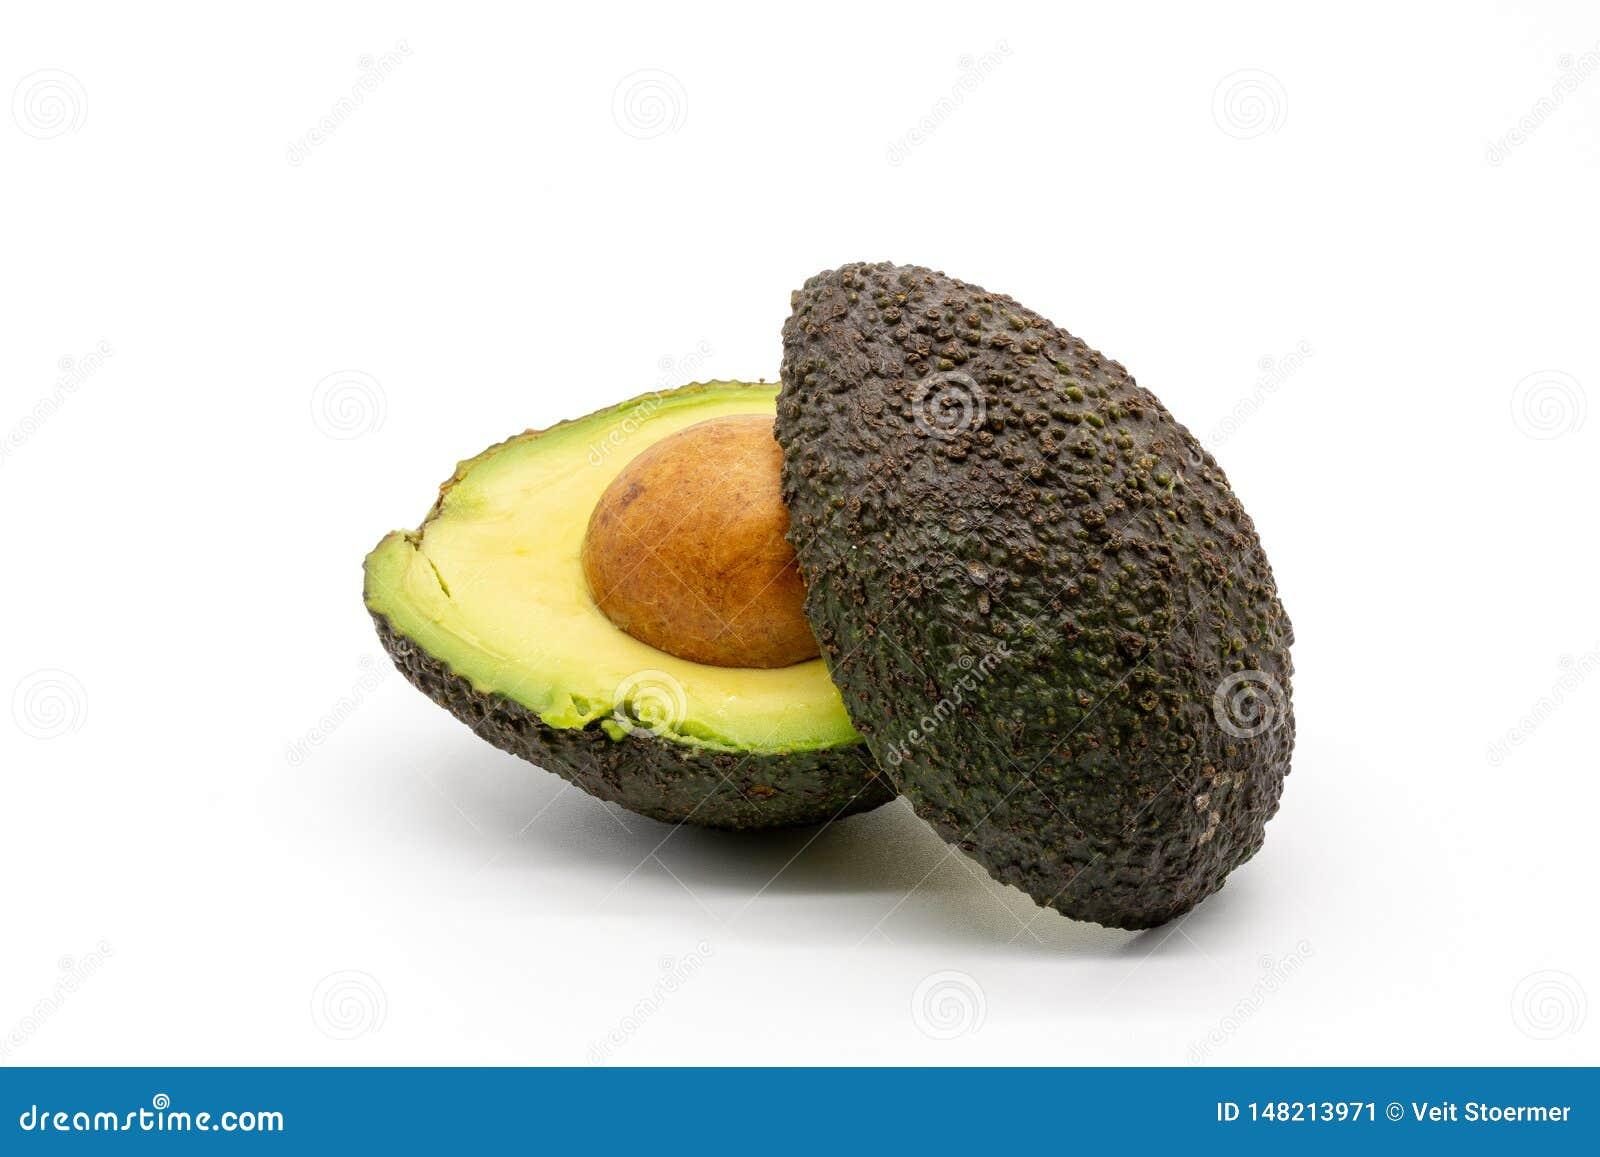 En skivad avokado med gropen